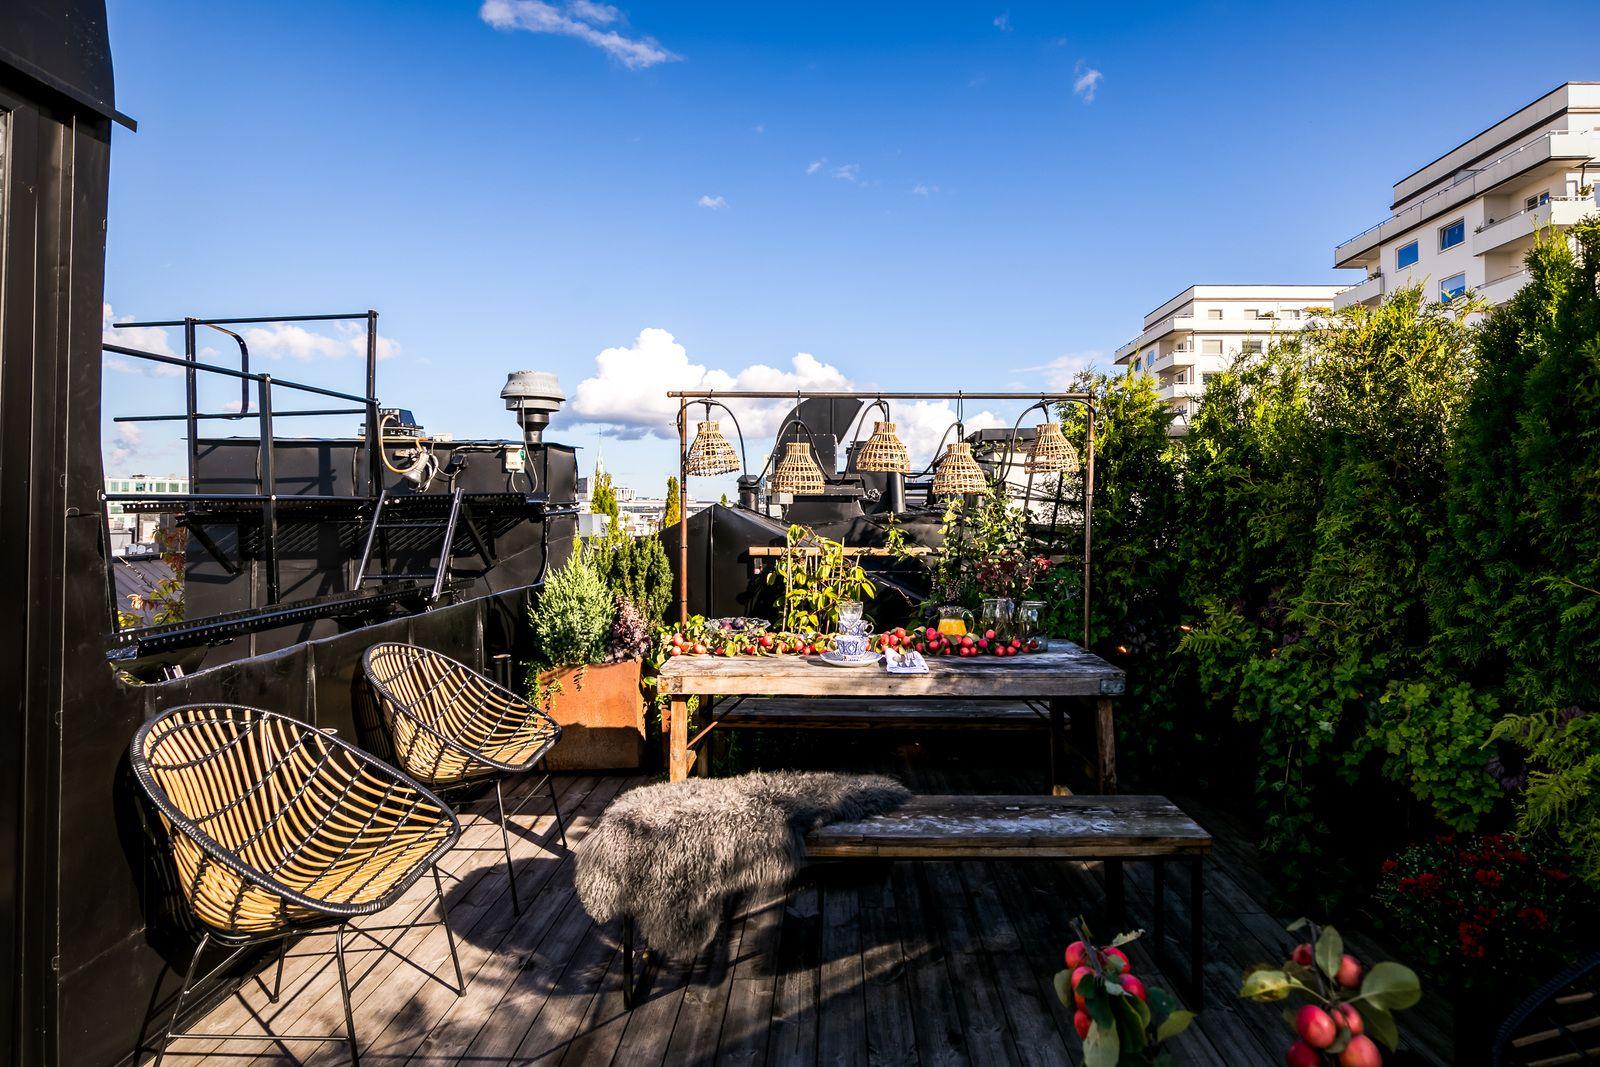 Un incroyable appartement de style penthouse avec vue sur les toits – PLANETE DECO a homes world